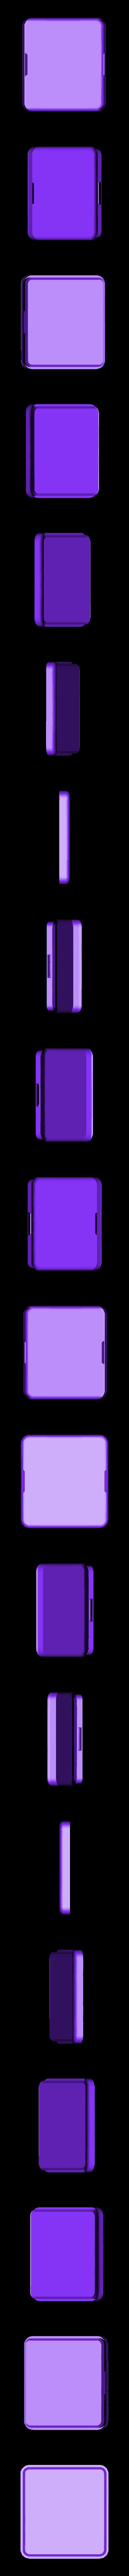 CSS-top-blank.stl Télécharger fichier STL gratuit Distributeur de soudure à manivelle à main • Objet imprimable en 3D, Adafruit